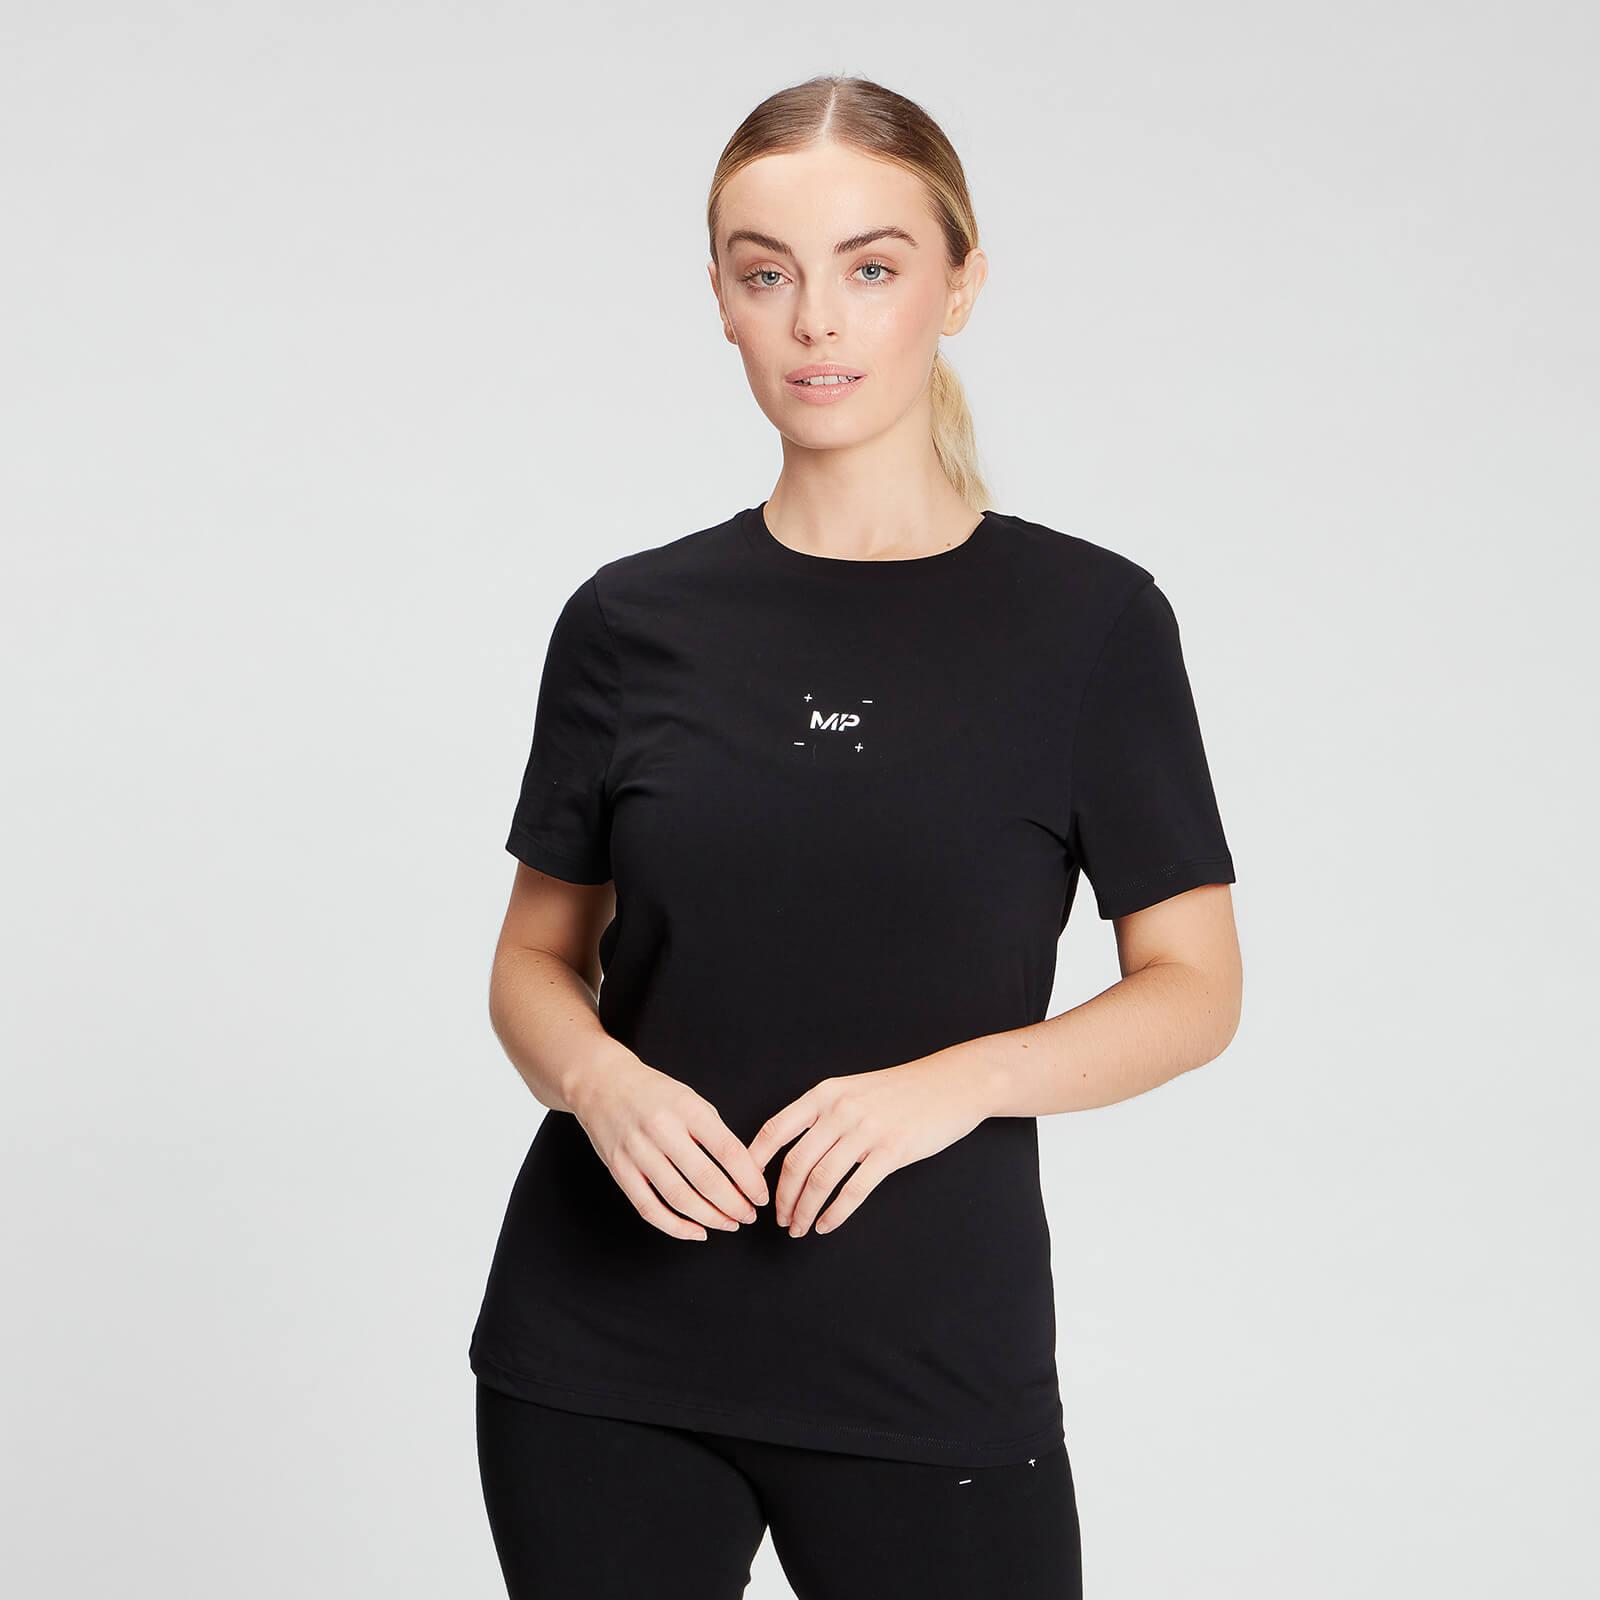 Купить MP Women's Central Graphic T-Shirt - Black - XXS, Myprotein International